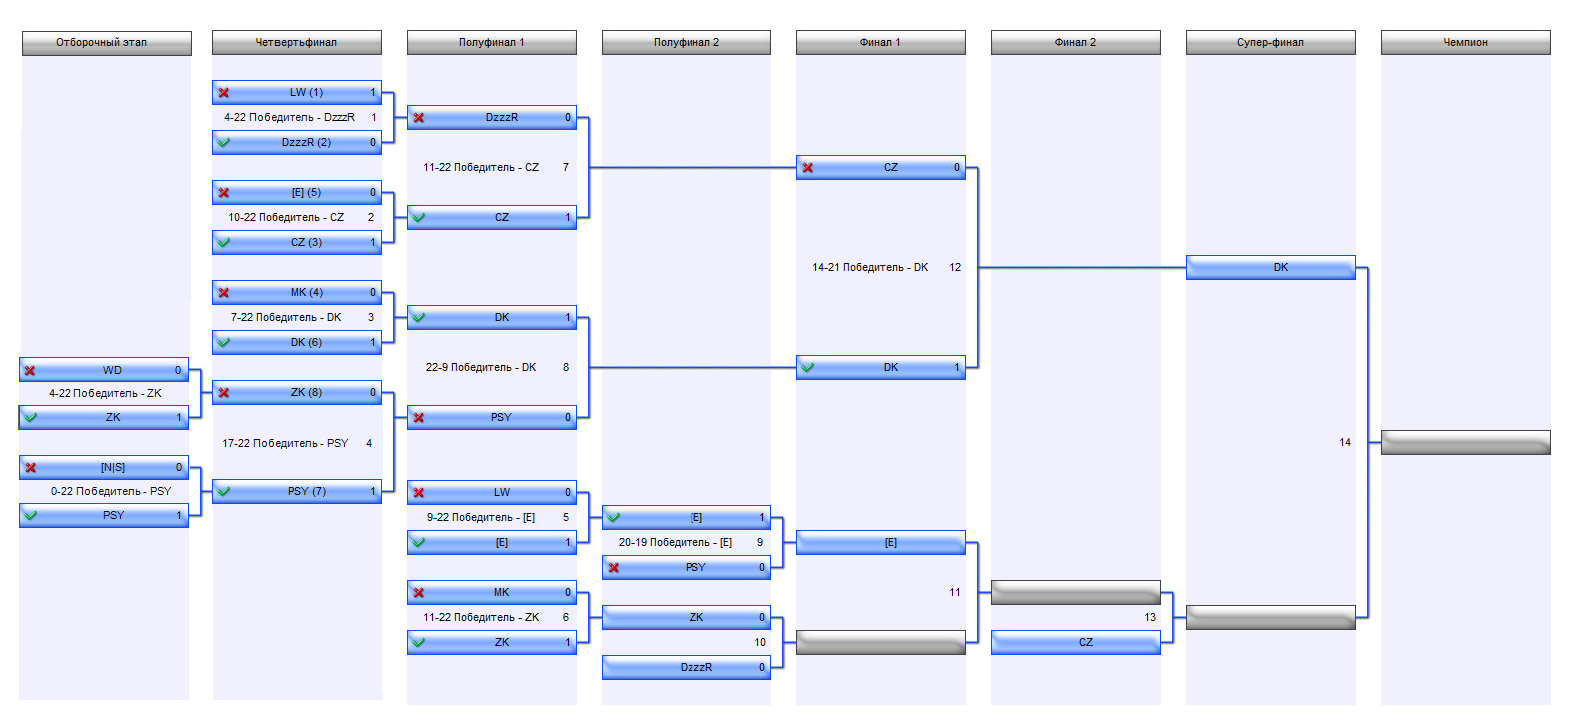 турнирная таблица полуфинала